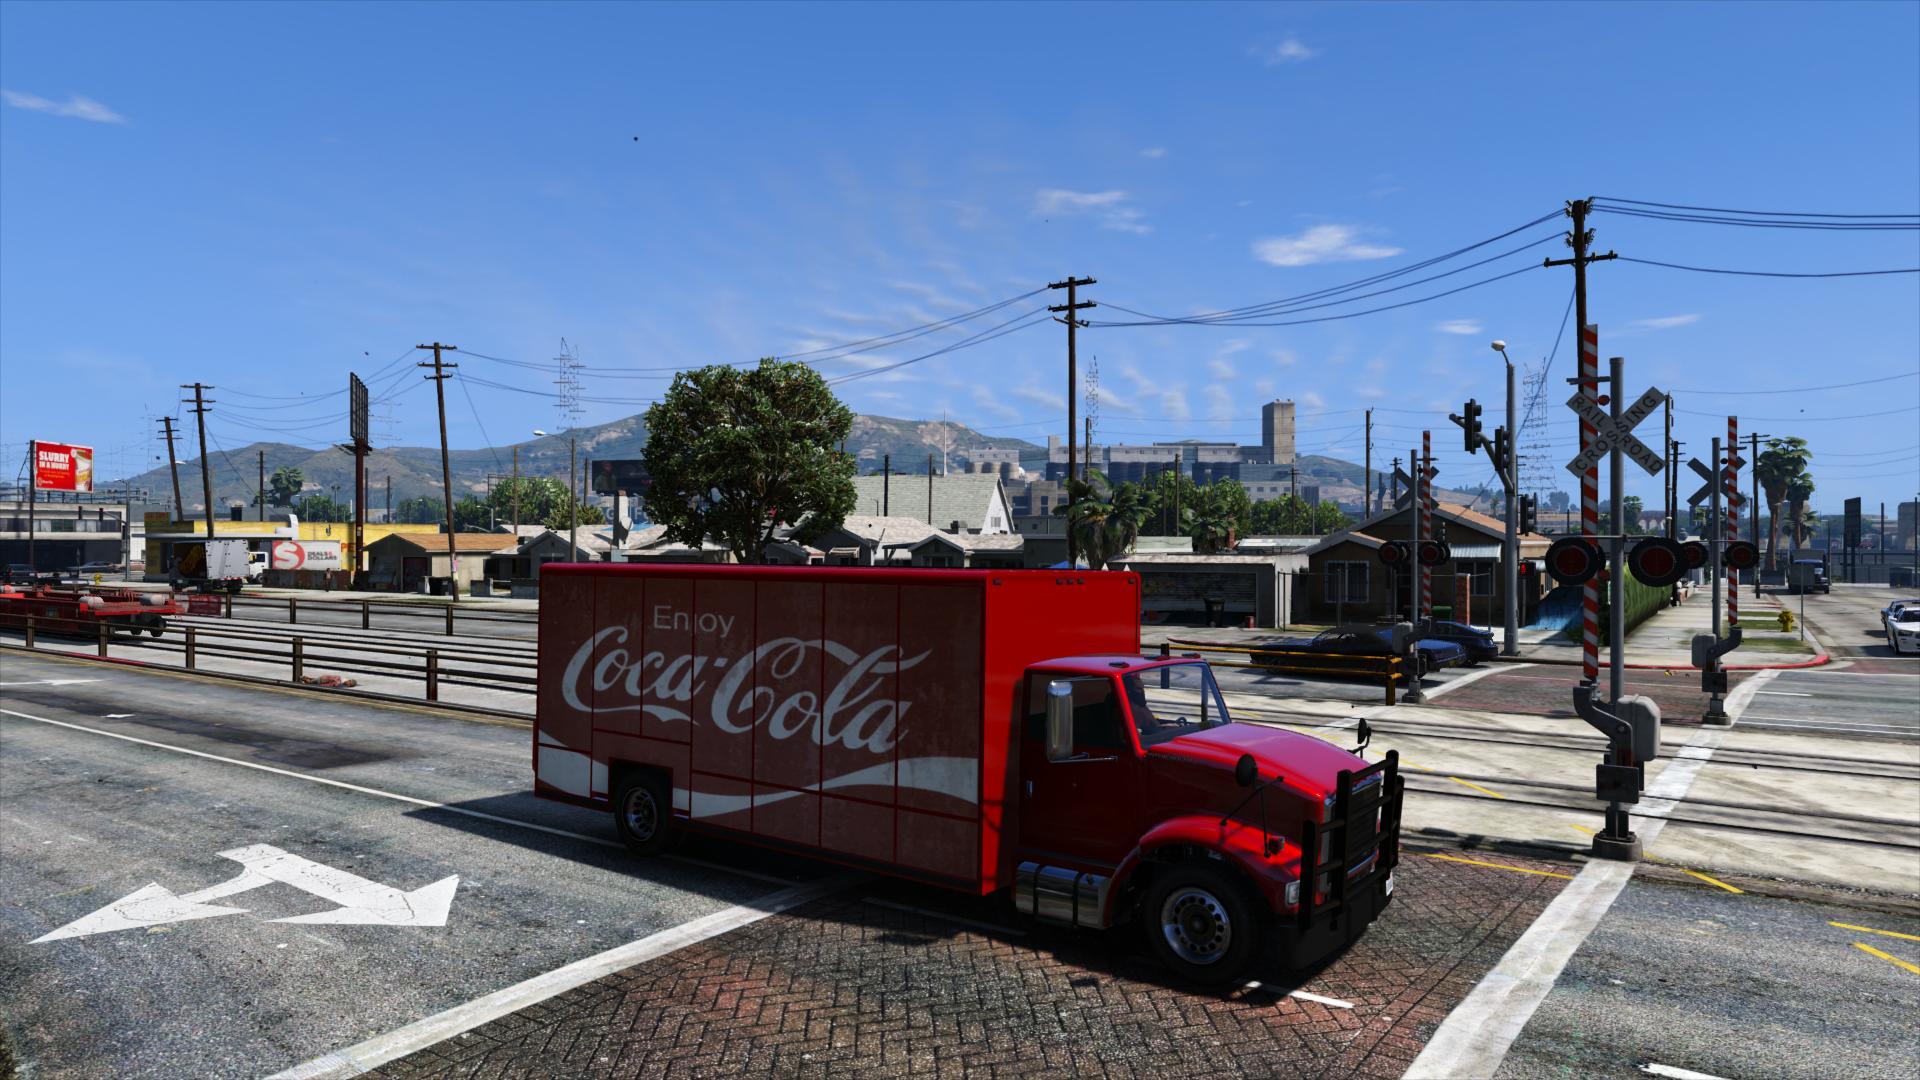 гузовик Кока-Кола в гта5 2016